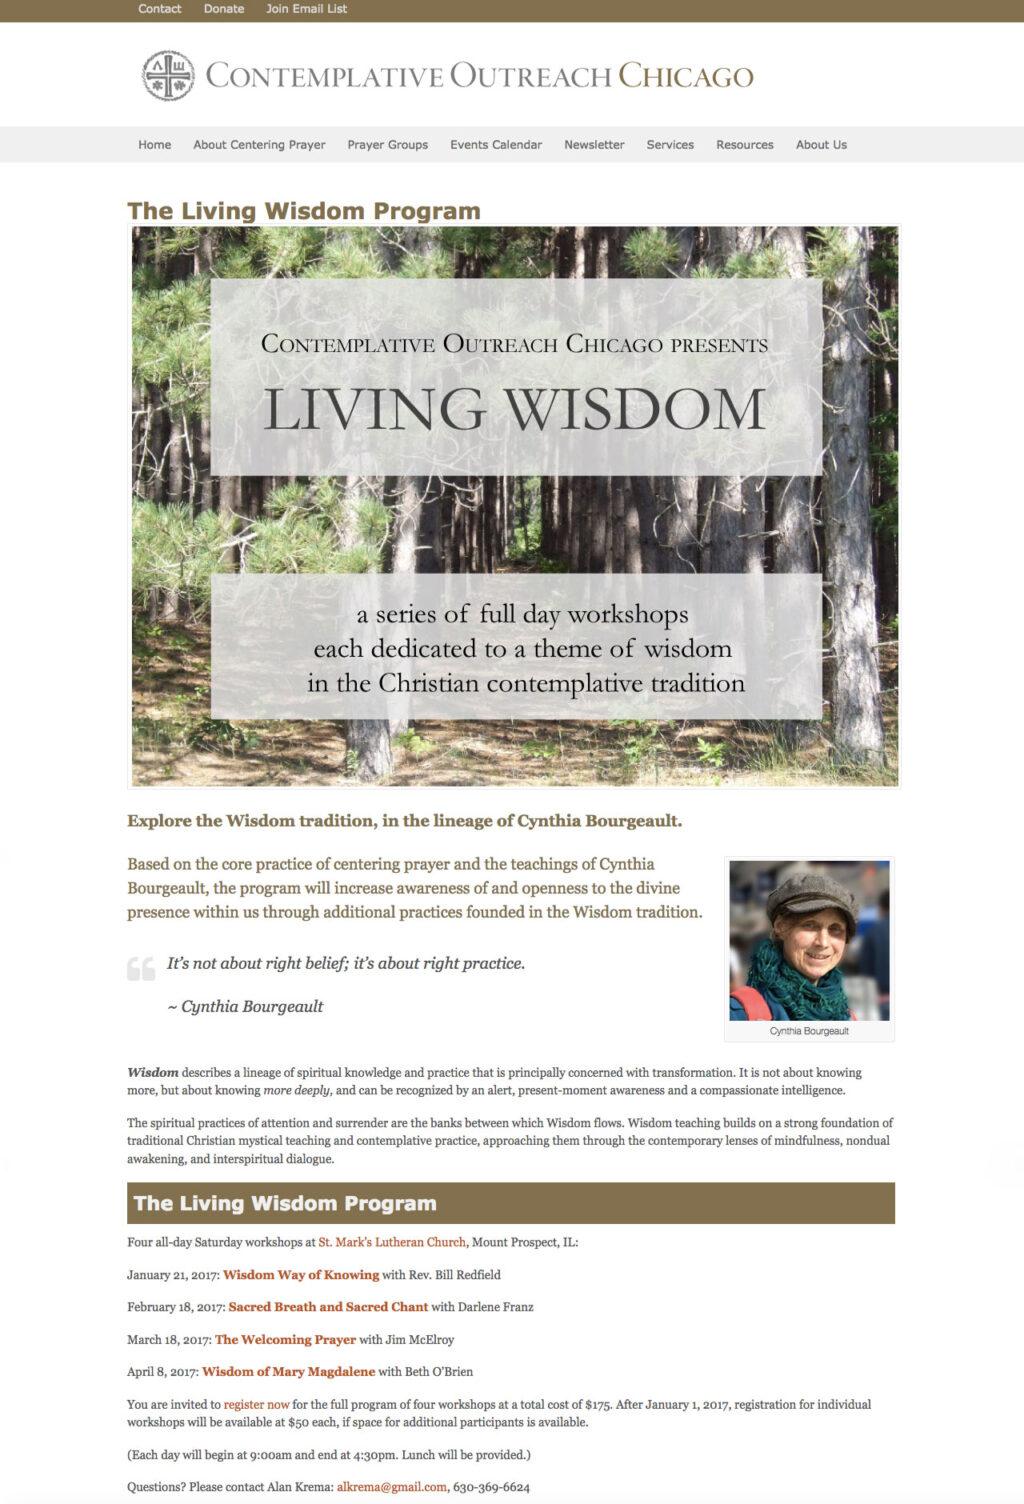 Contemplative Outreach Chicago, Living Wisdom